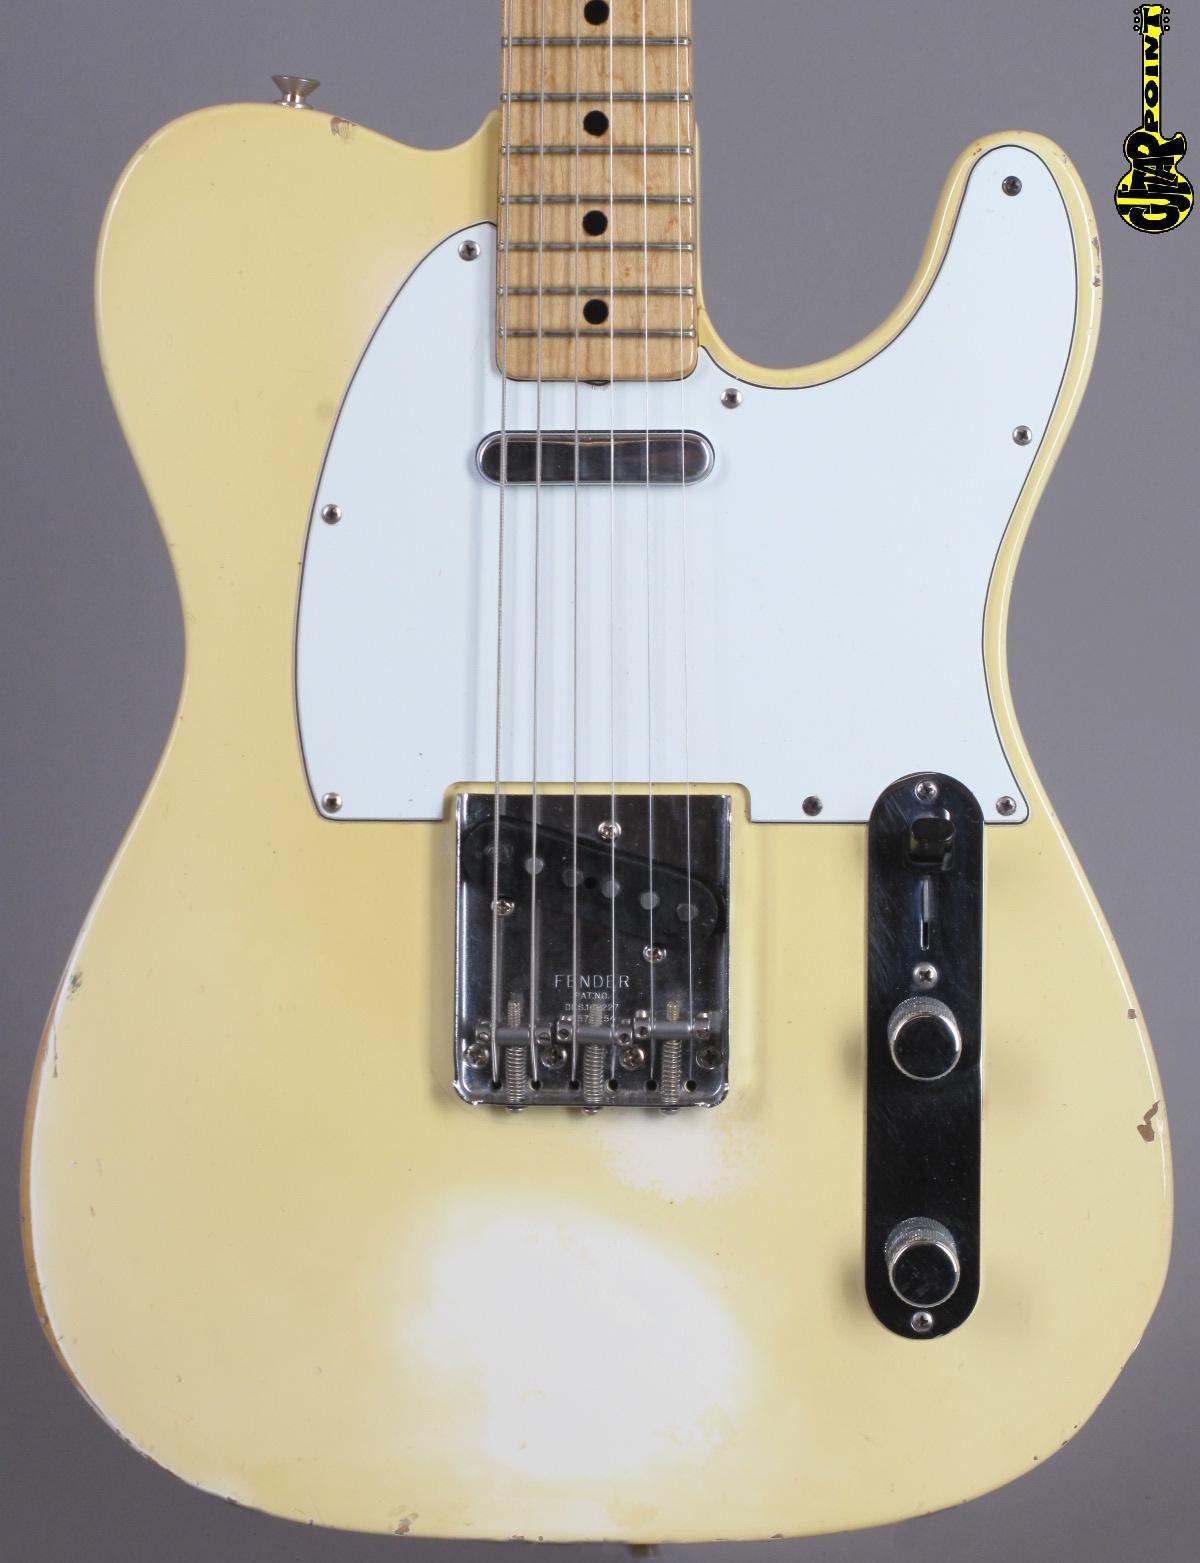 1973 Fender Telecaster - Olympic White